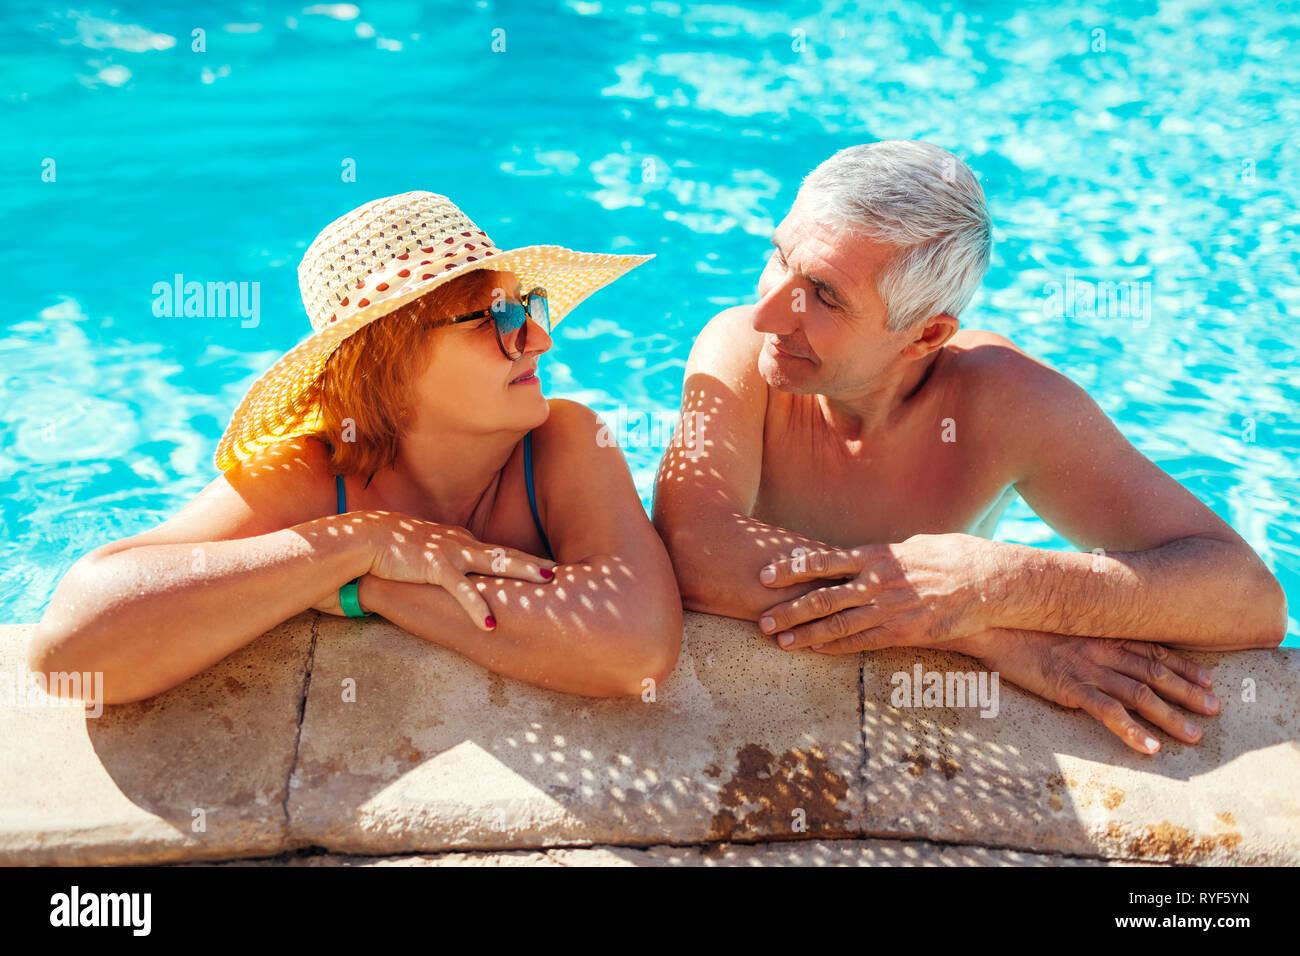 27d925640dcb Las parejas ancianas relajándose en la piscina. Las personas felices  disfrutando de las vacaciones de